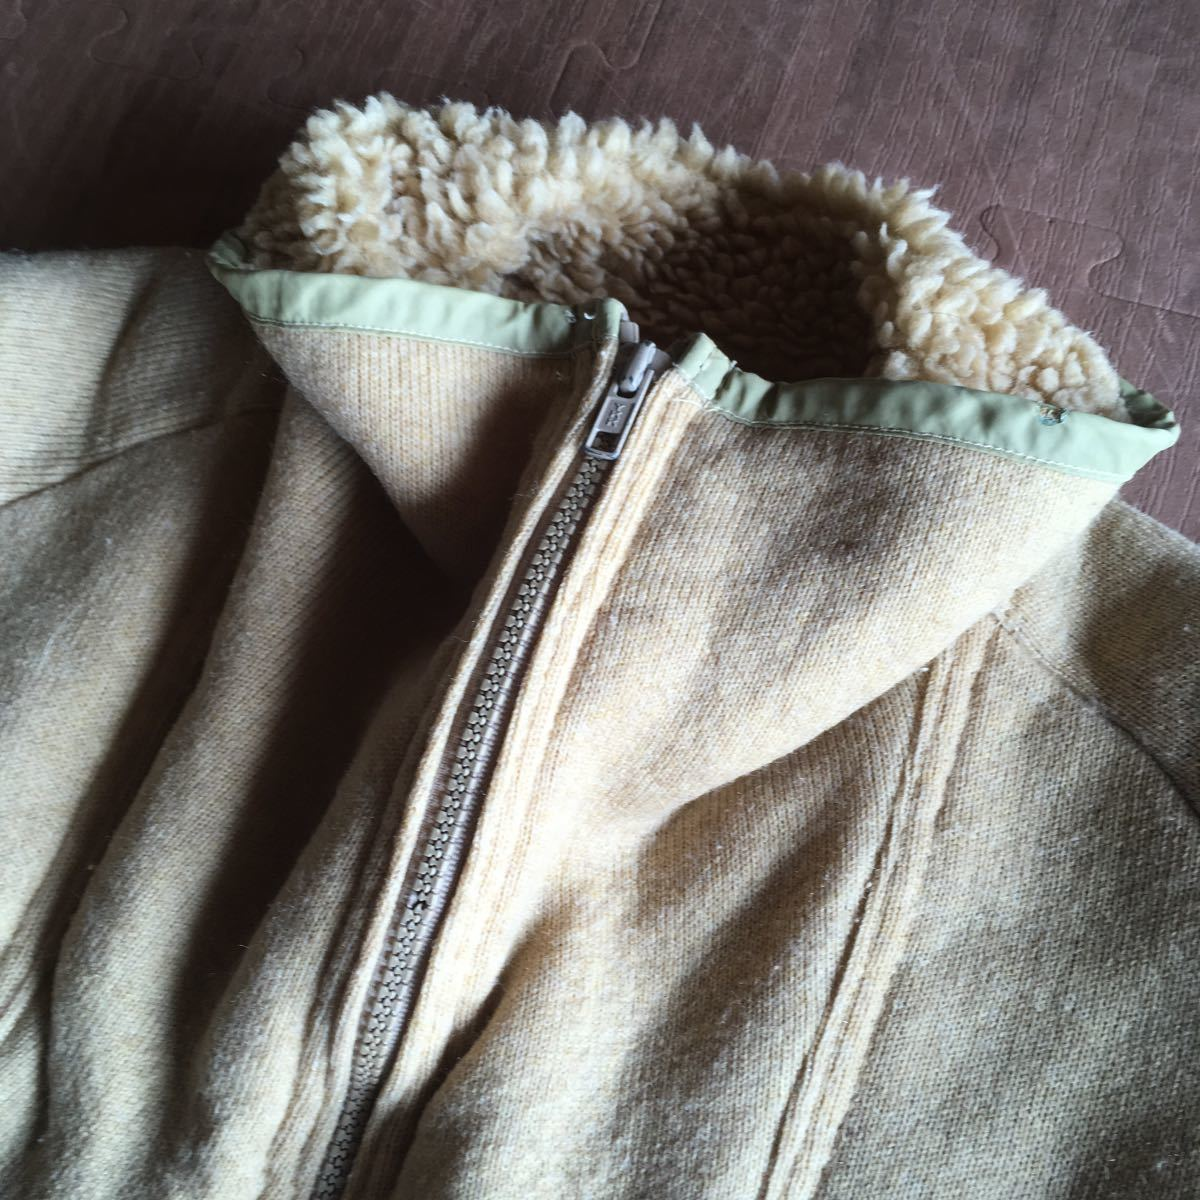 70s patagonia 白タグ パイル プルオーバー ジャケット ビンテージ オリジナル デカタグ vintage YKK / レトロ mars シュイナード サーフ_画像8